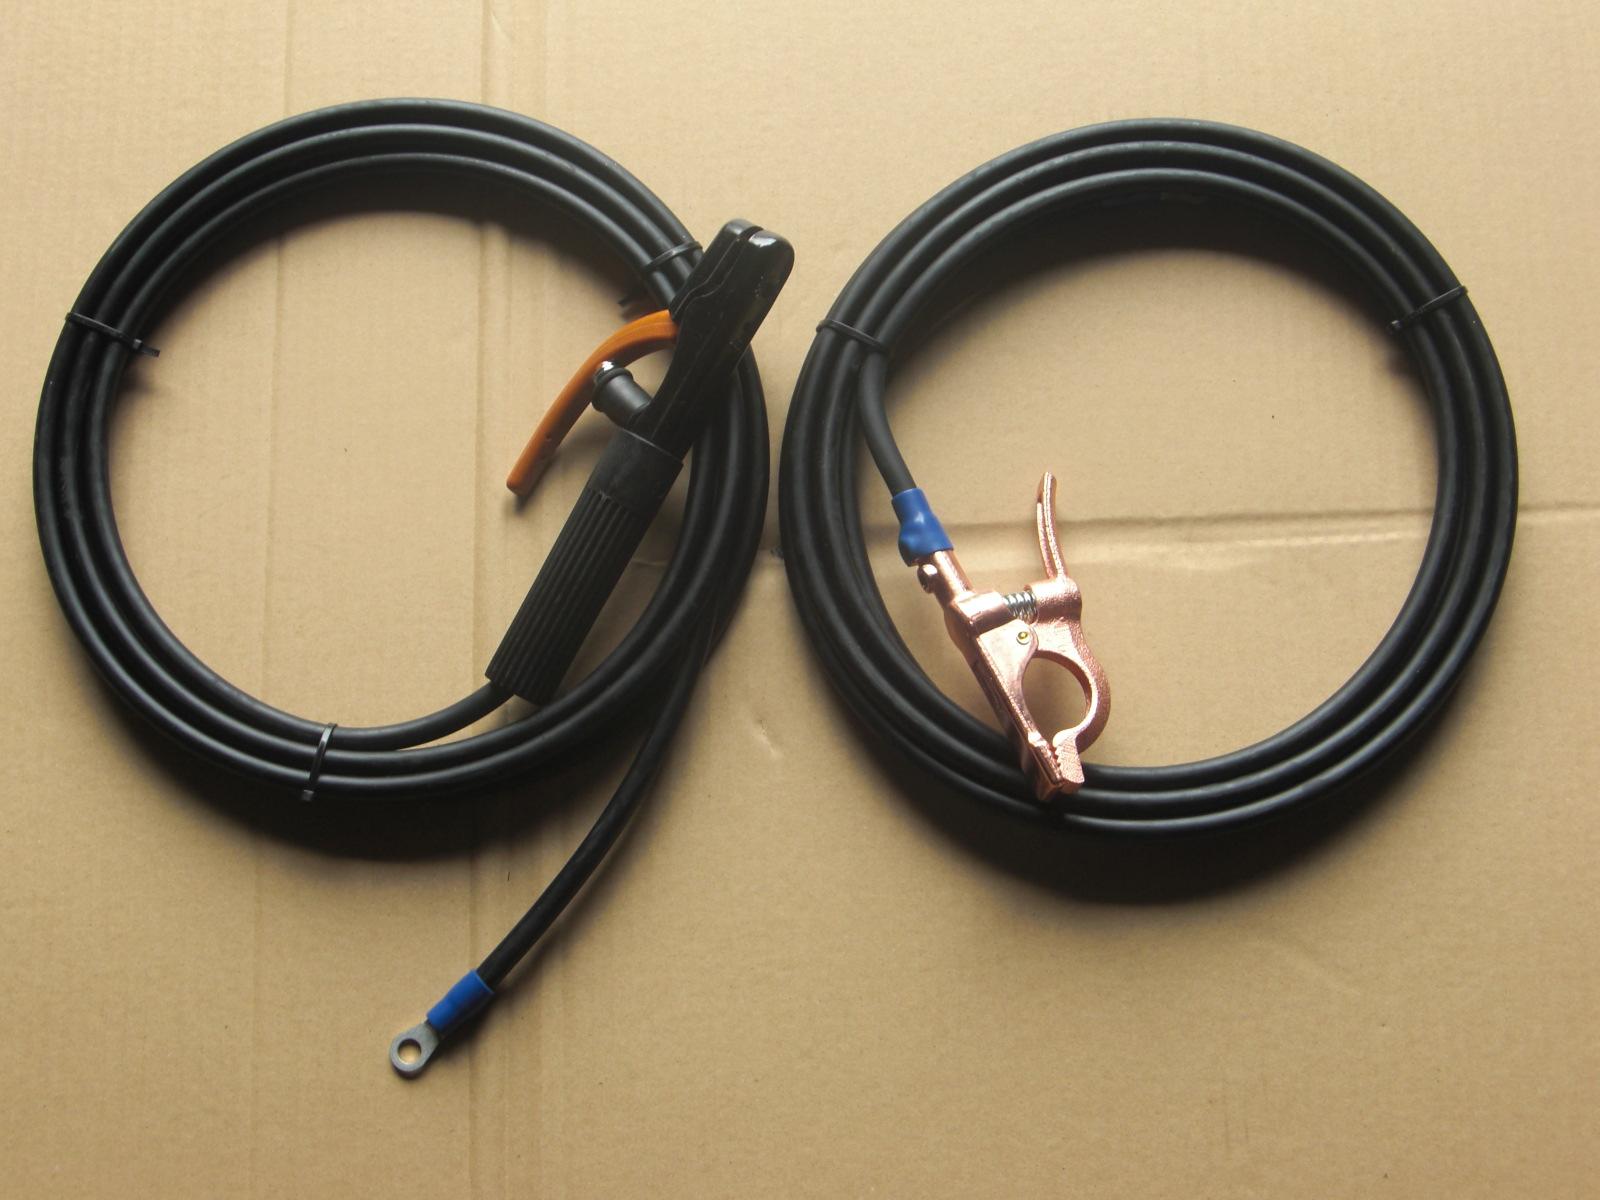 溶接 キャブタイヤケーブル 新品■送料無料■ キャブタイヤ 70%OFFアウトレット 15mセット品 ジョイントなし ウエルダー